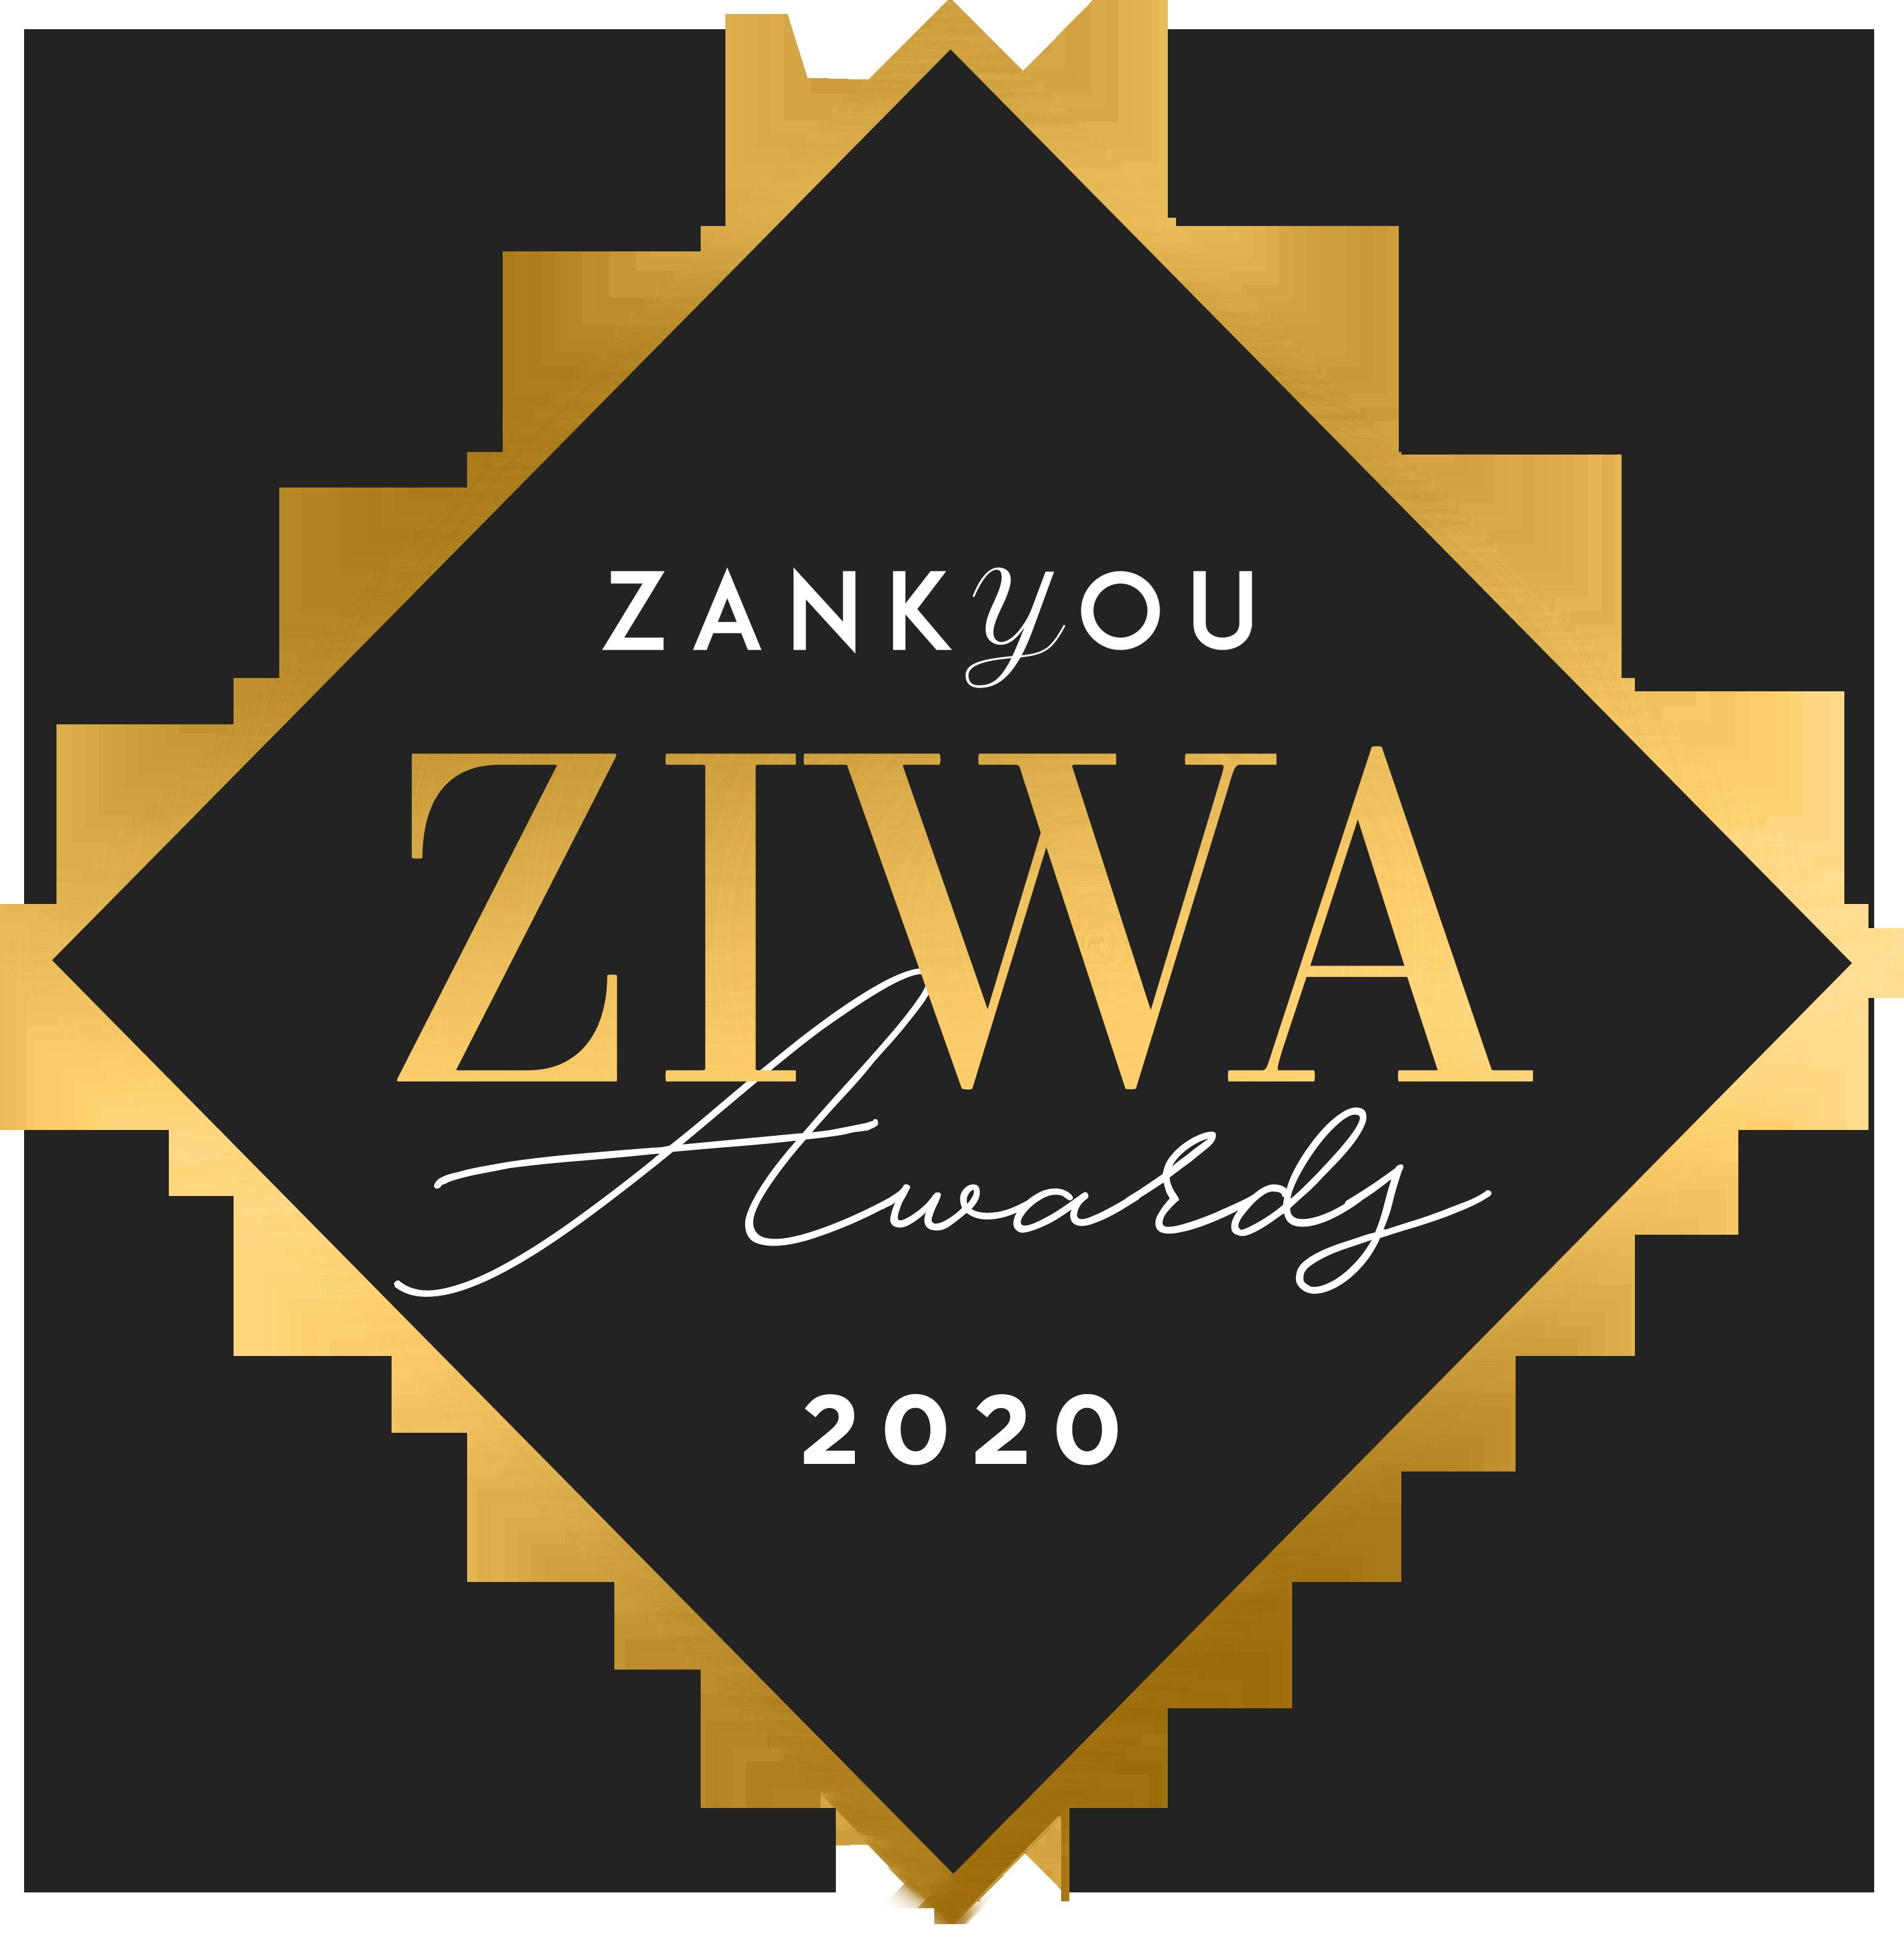 Prix Zankyou ZIWA Awards 2020